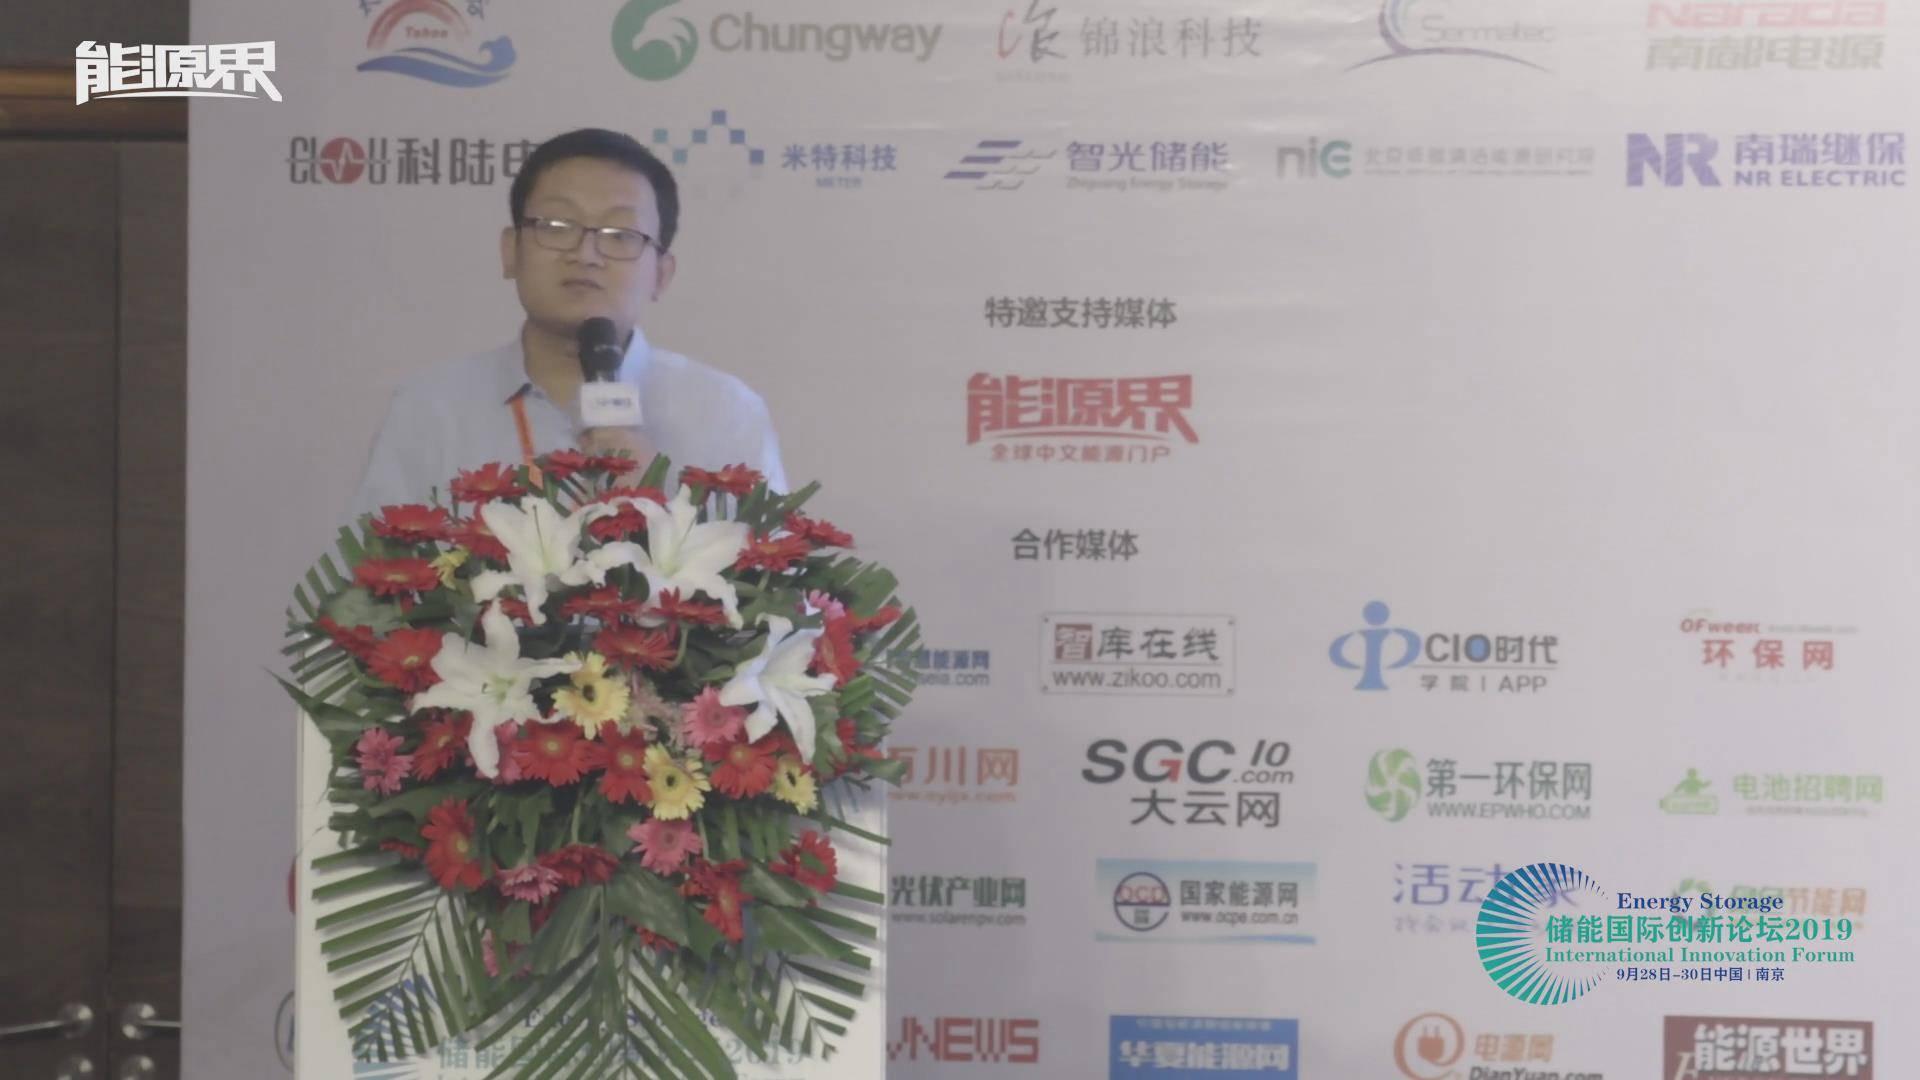 王昌俊:儲能參與輔助服務的路徑與方式探討